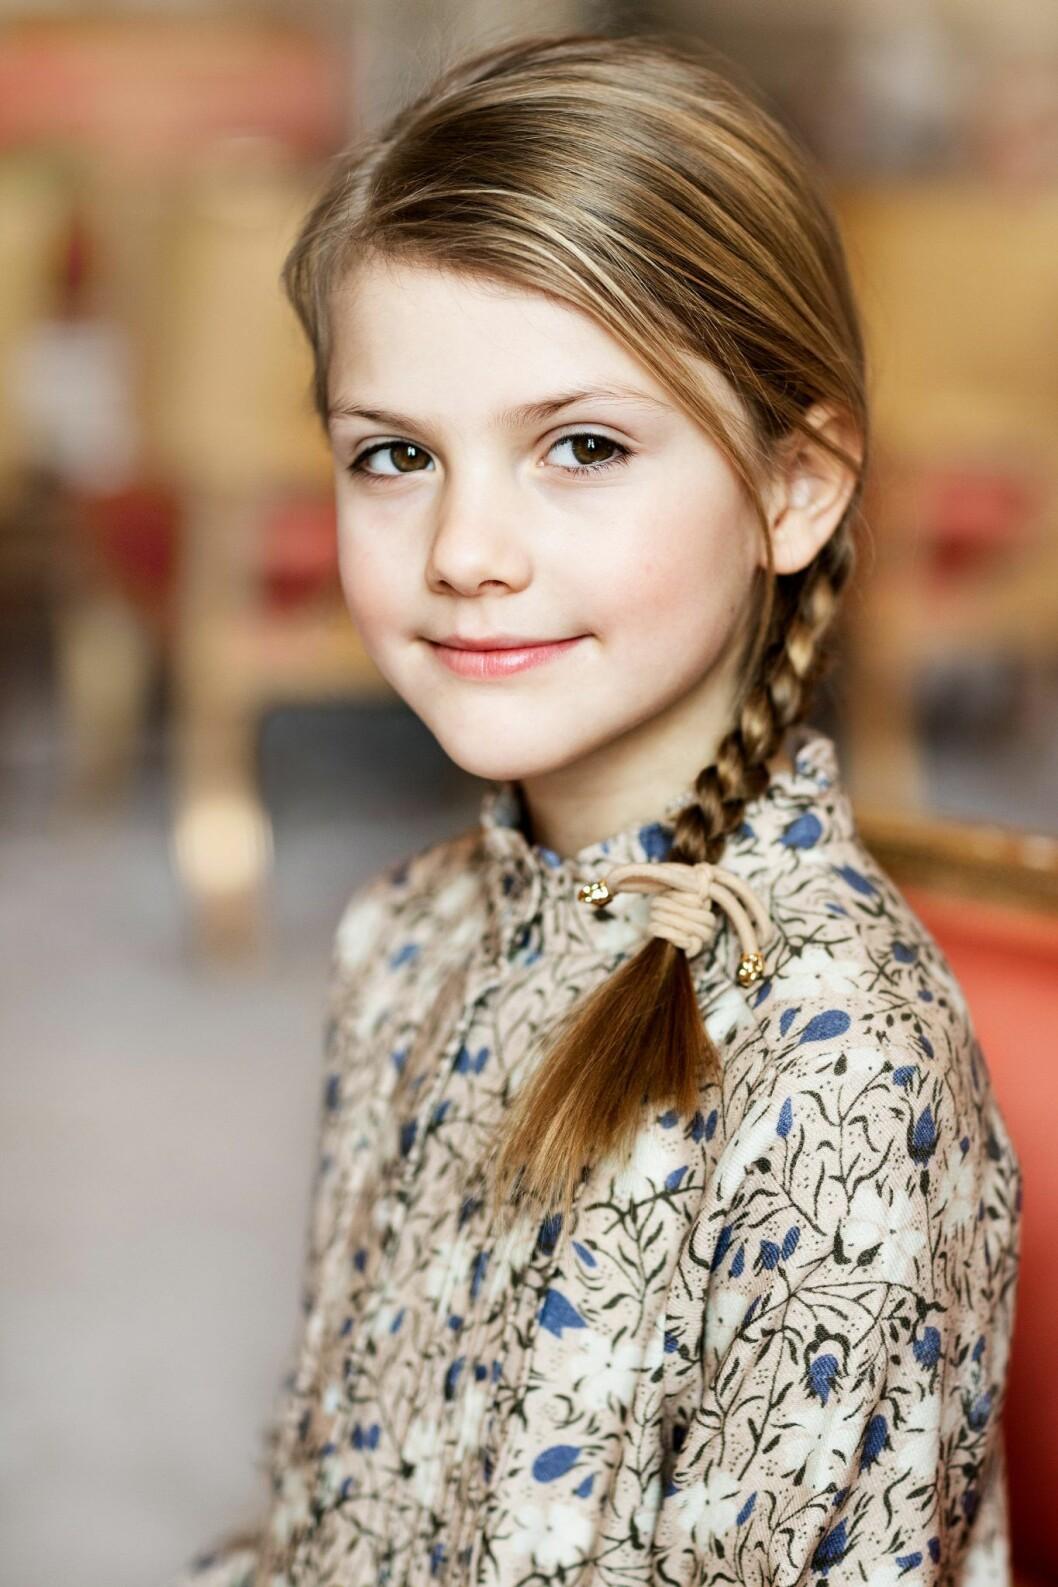 Prinsessan Estelle åtta år